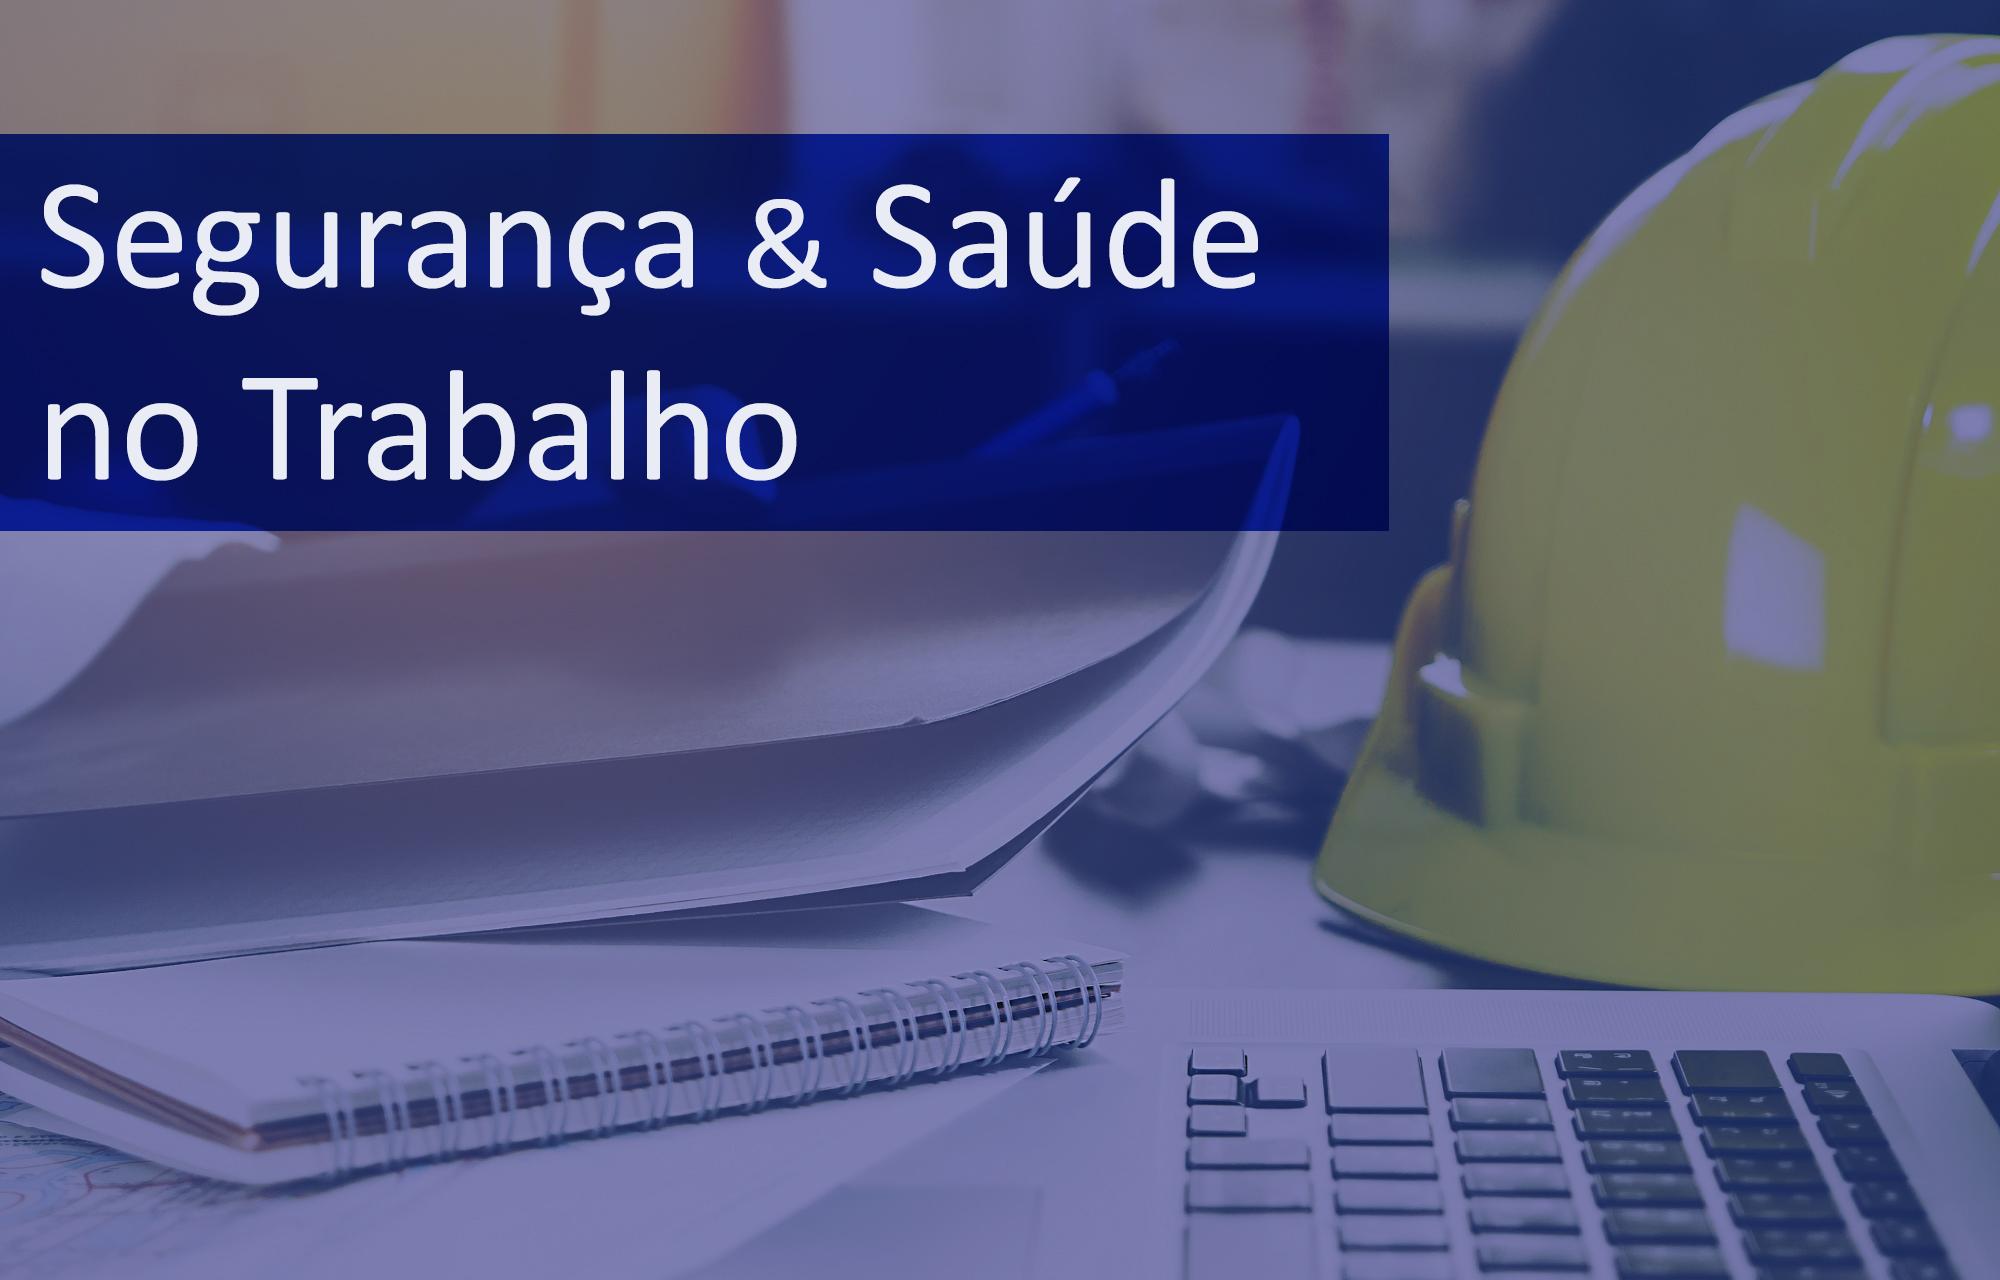 Construction Engineer Office Working Desk - Plumas - Governo vai modernizar Normas Regulamentadoras de saúde e segurança do trabalho